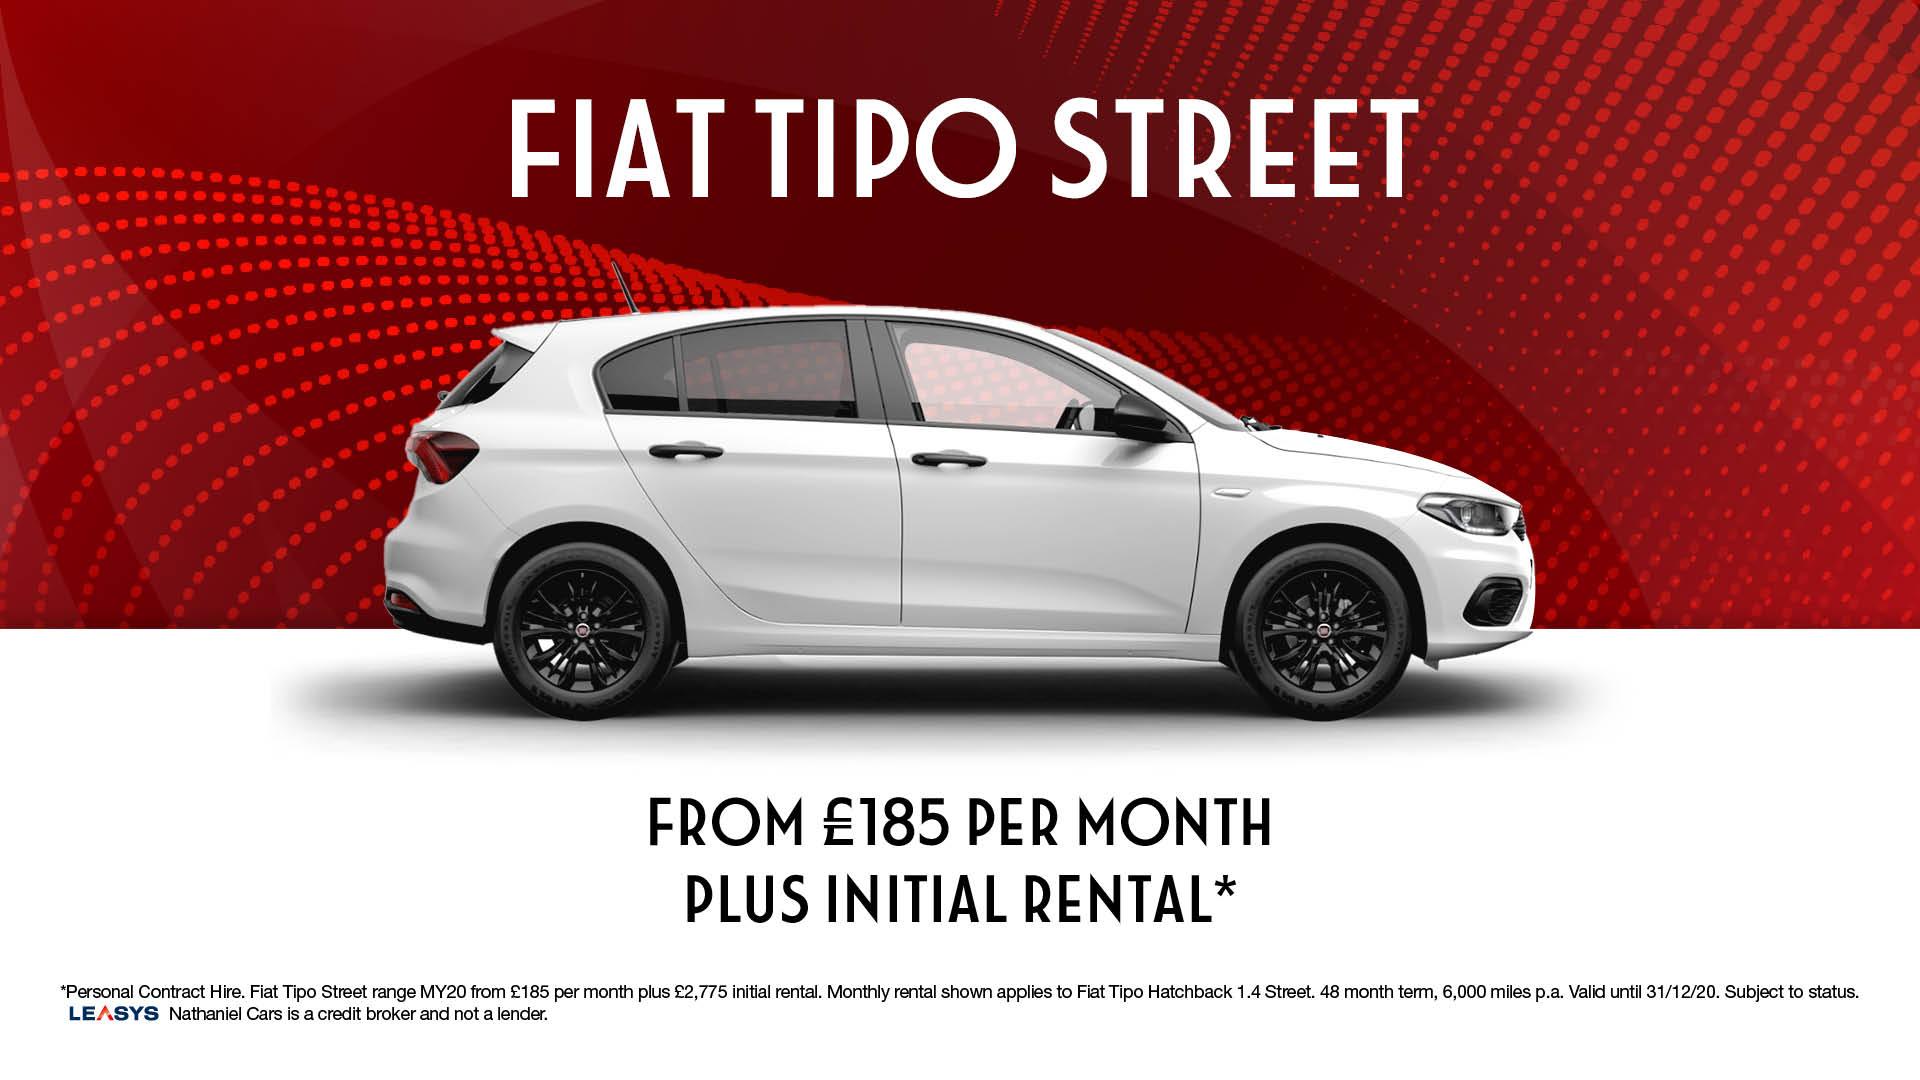 Q4_Fiat_Tipo_Street2